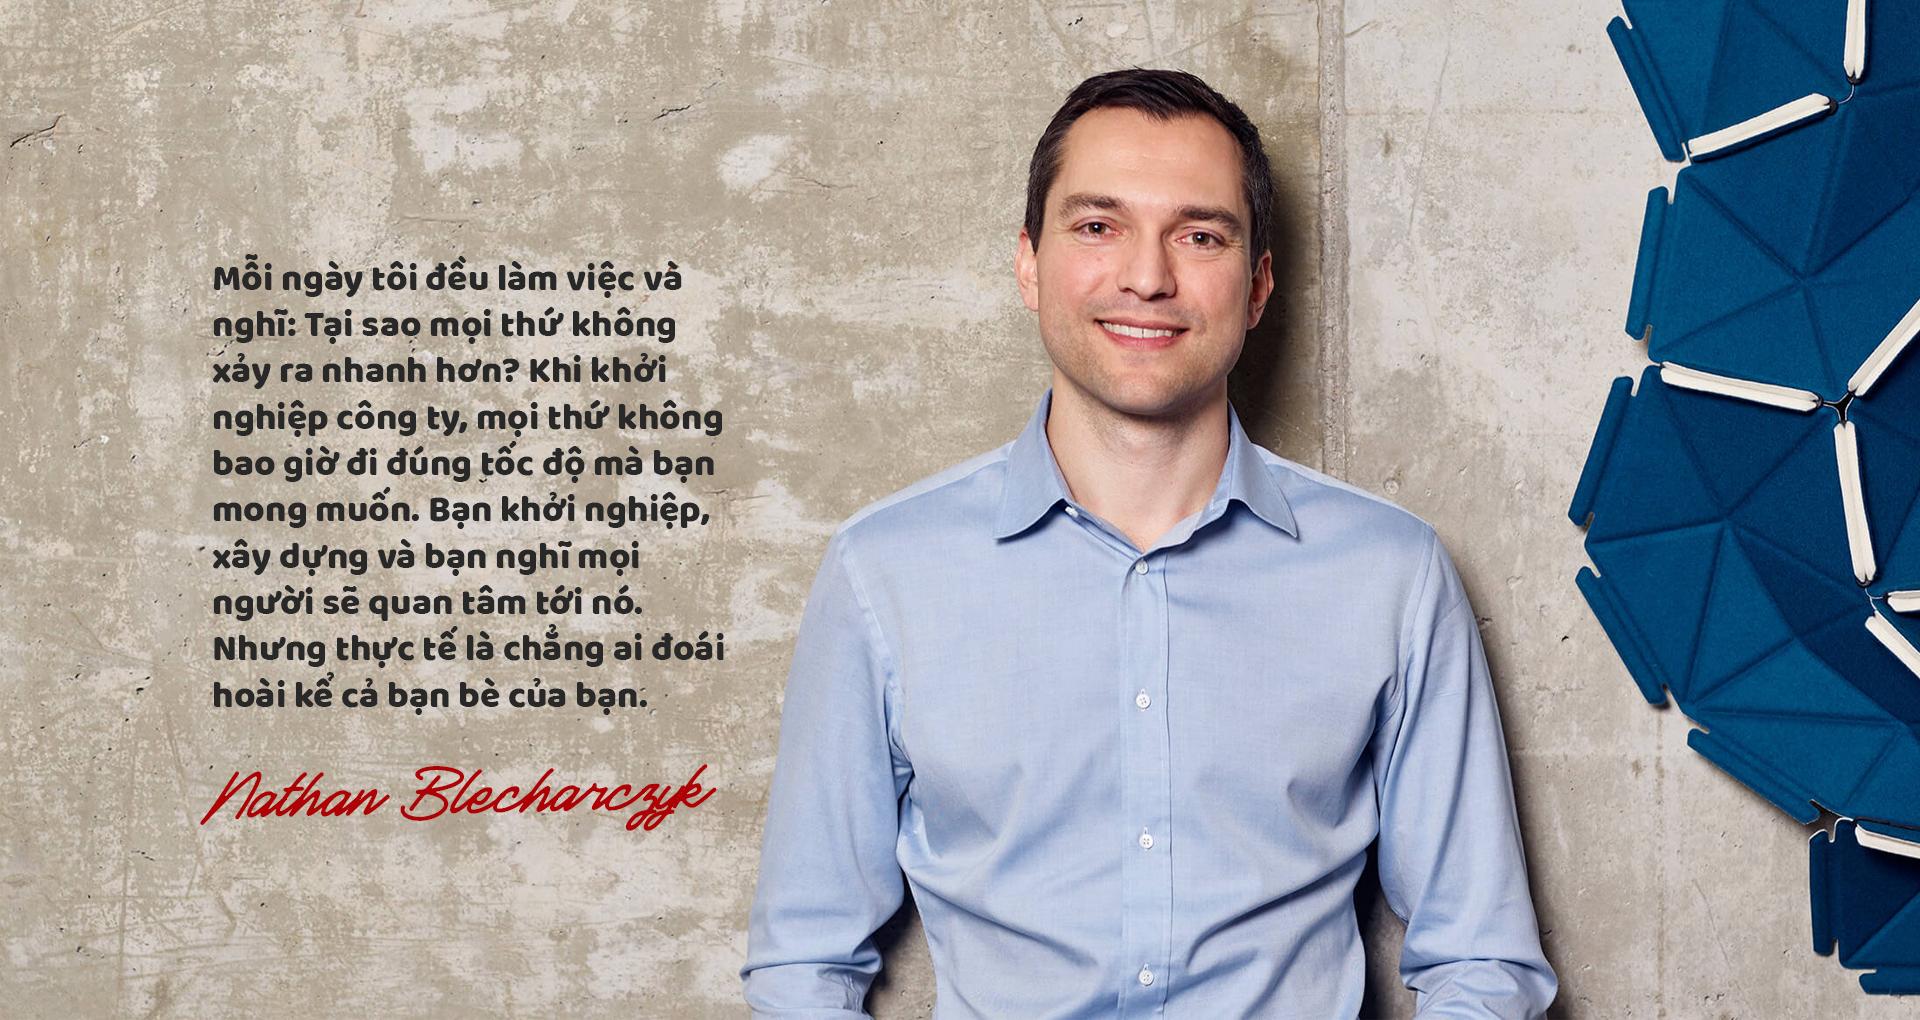 2 ý tưởng kinh doanh 'vô sản' trị giá 99 tỷ USD làm thay đổi thế giới và bí mật về một tay Growth hacker - Ảnh 8.